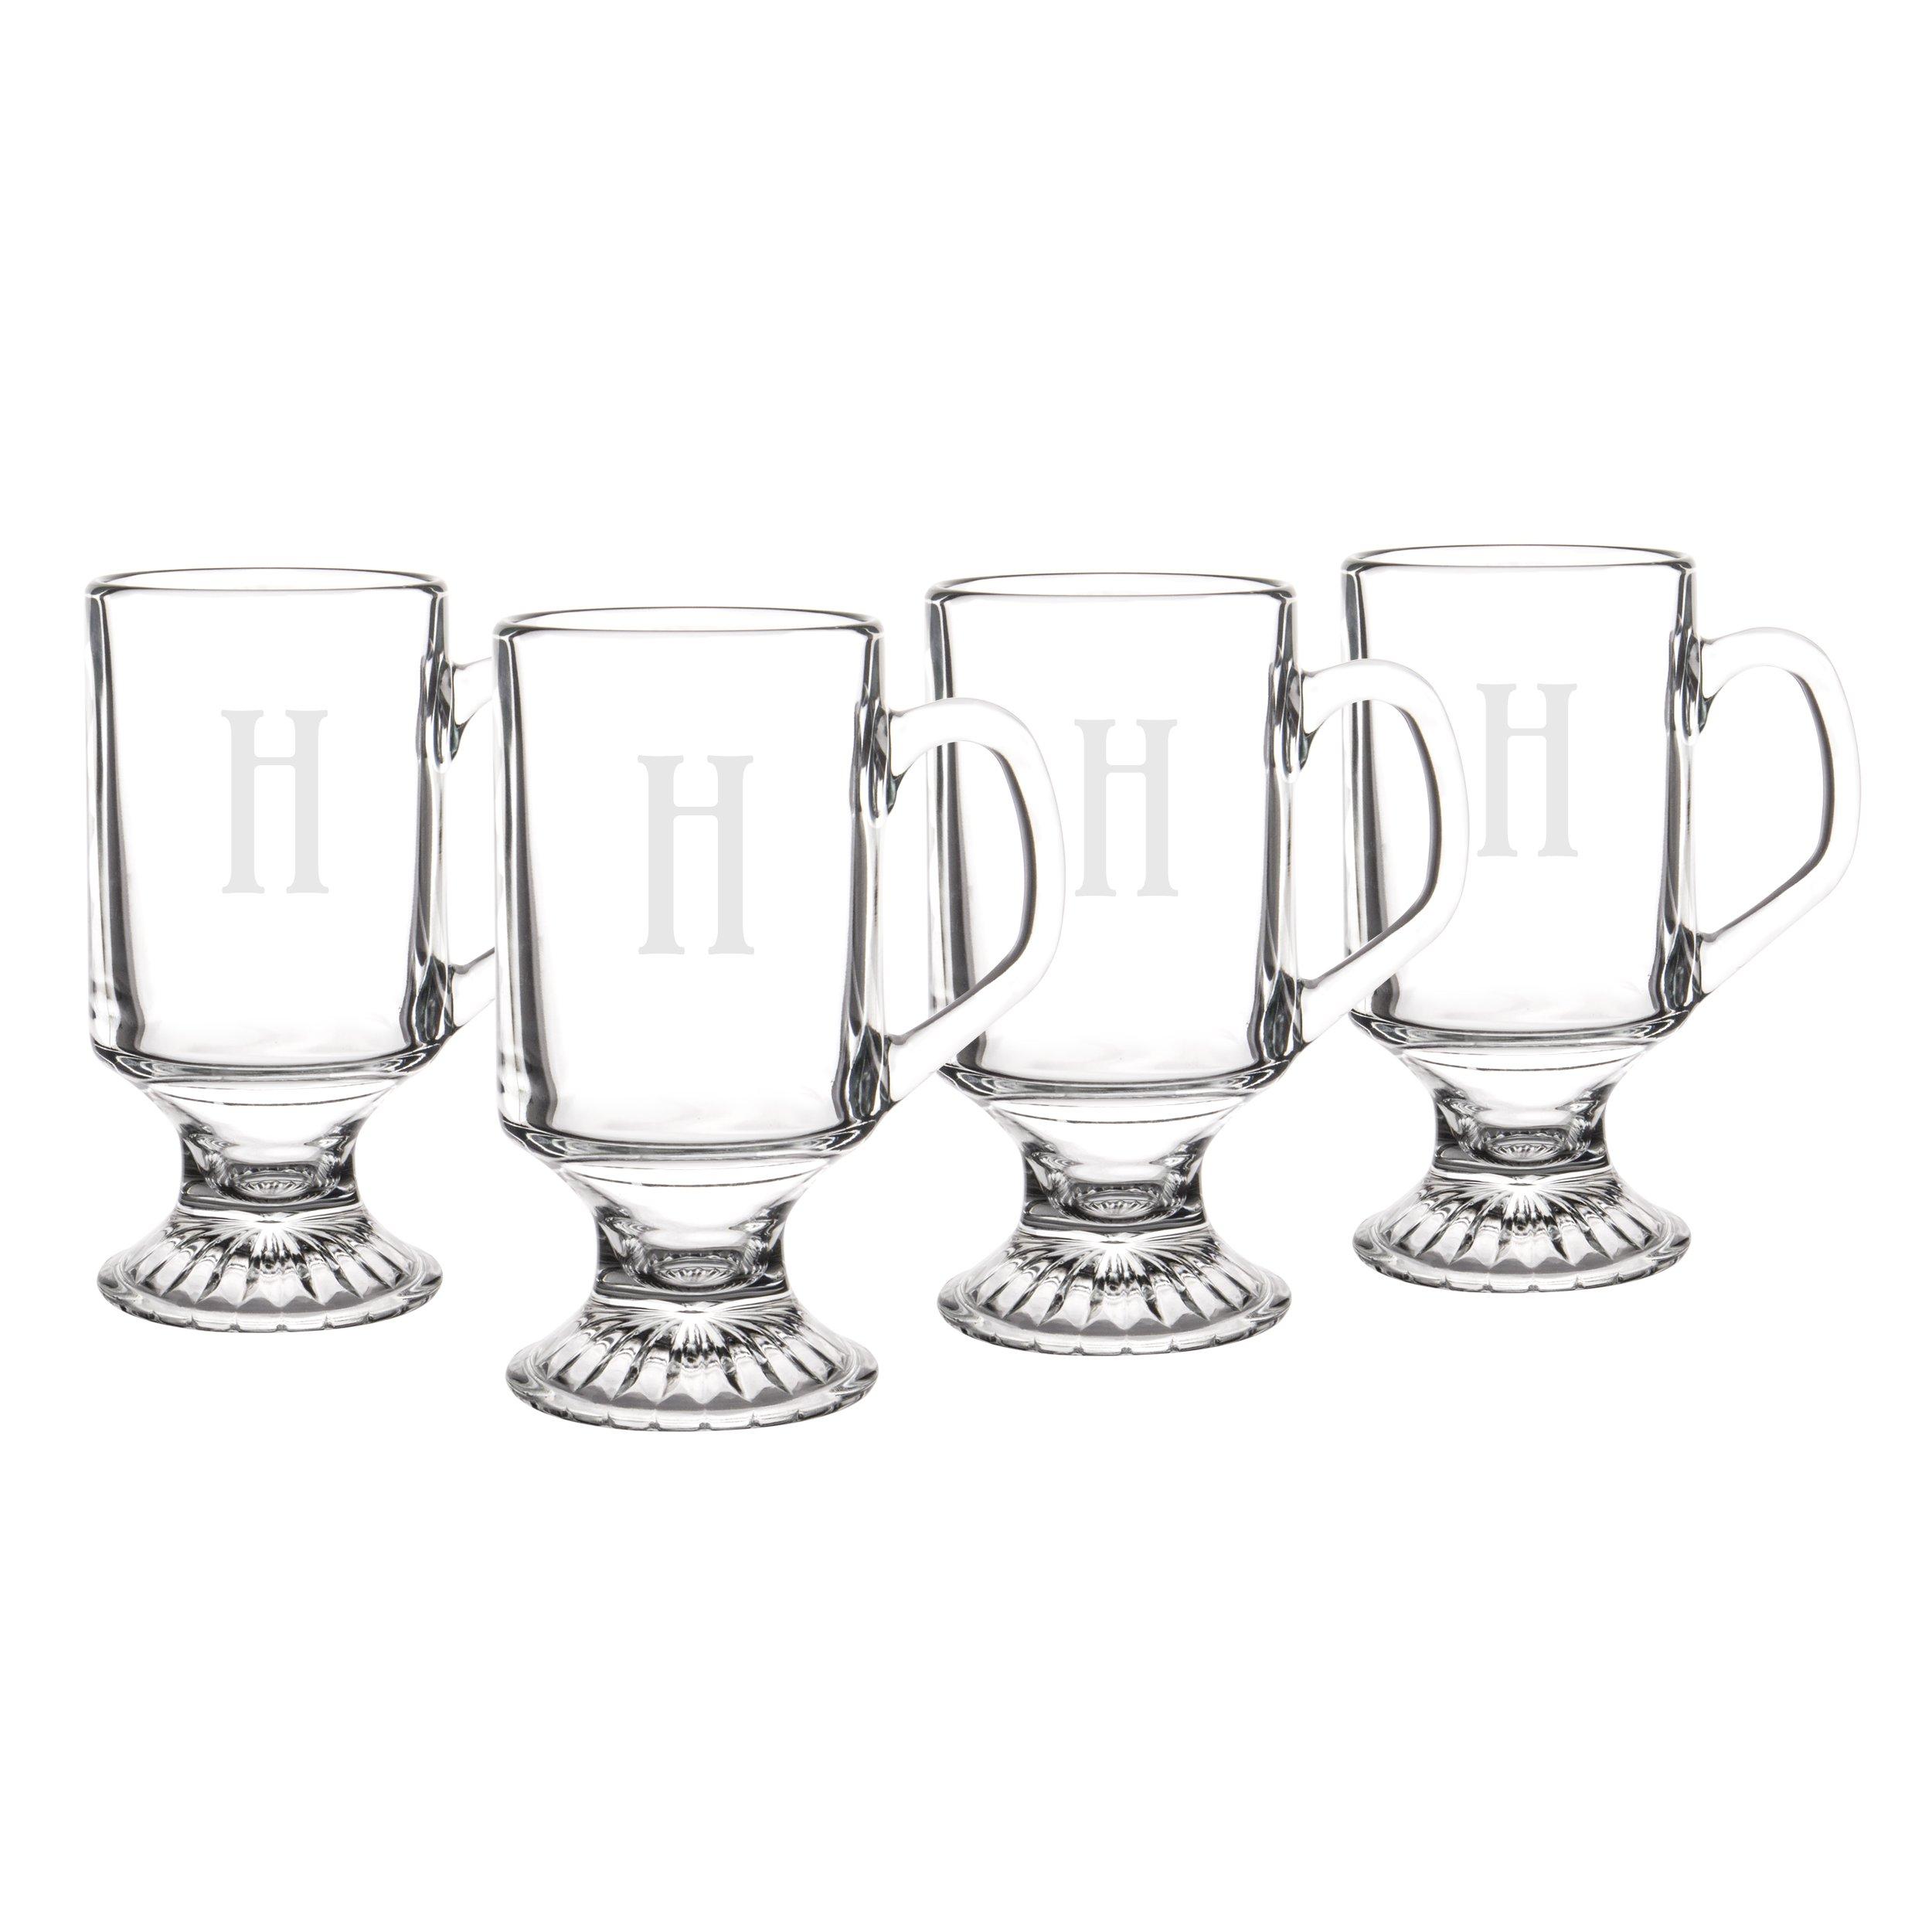 Personalized Irish Glass Coffee Mugs, Set of 4, Letter H